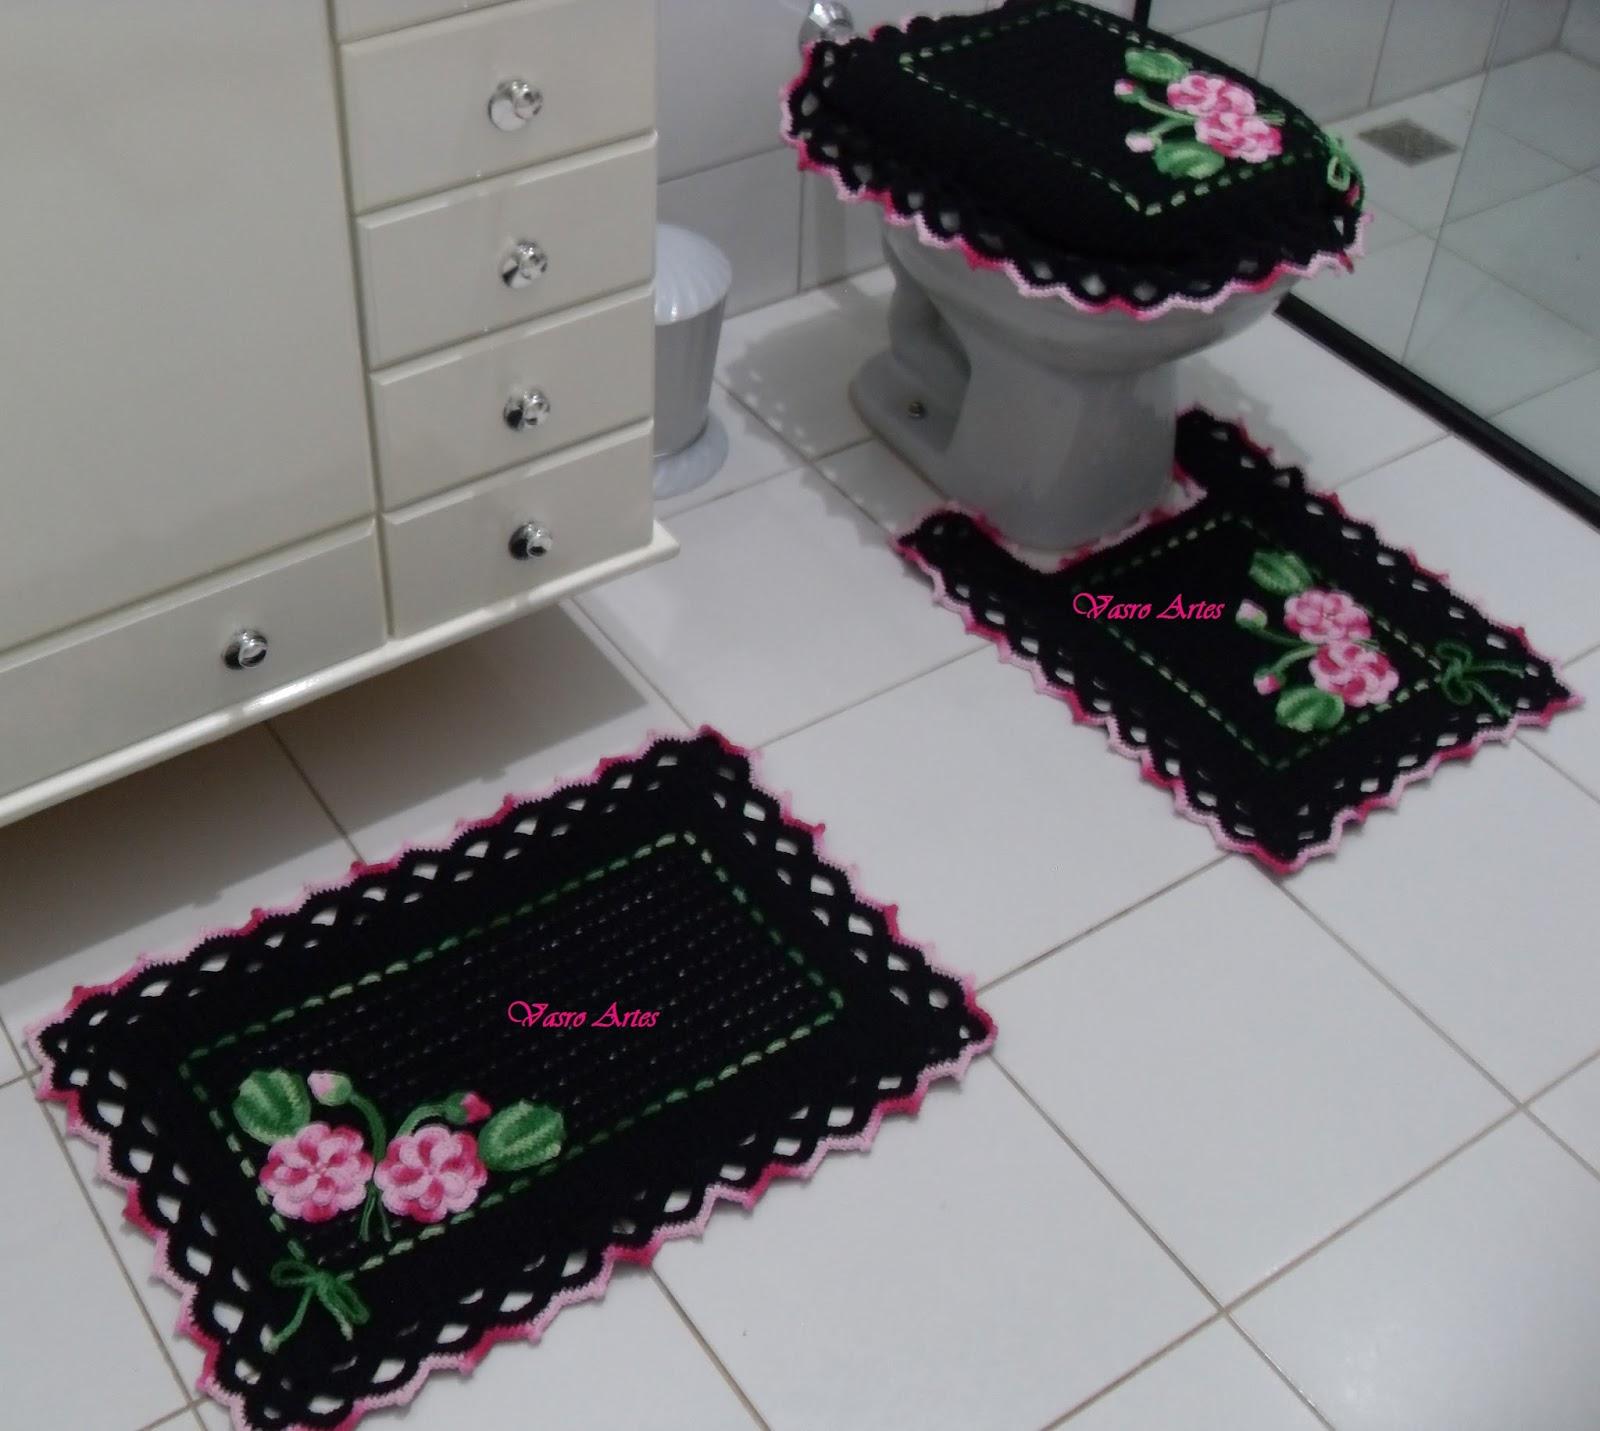 : Jogo de Tapetes de Crochê para Banheiro Jogo de Tapetes Carolina #693747 1600 1431